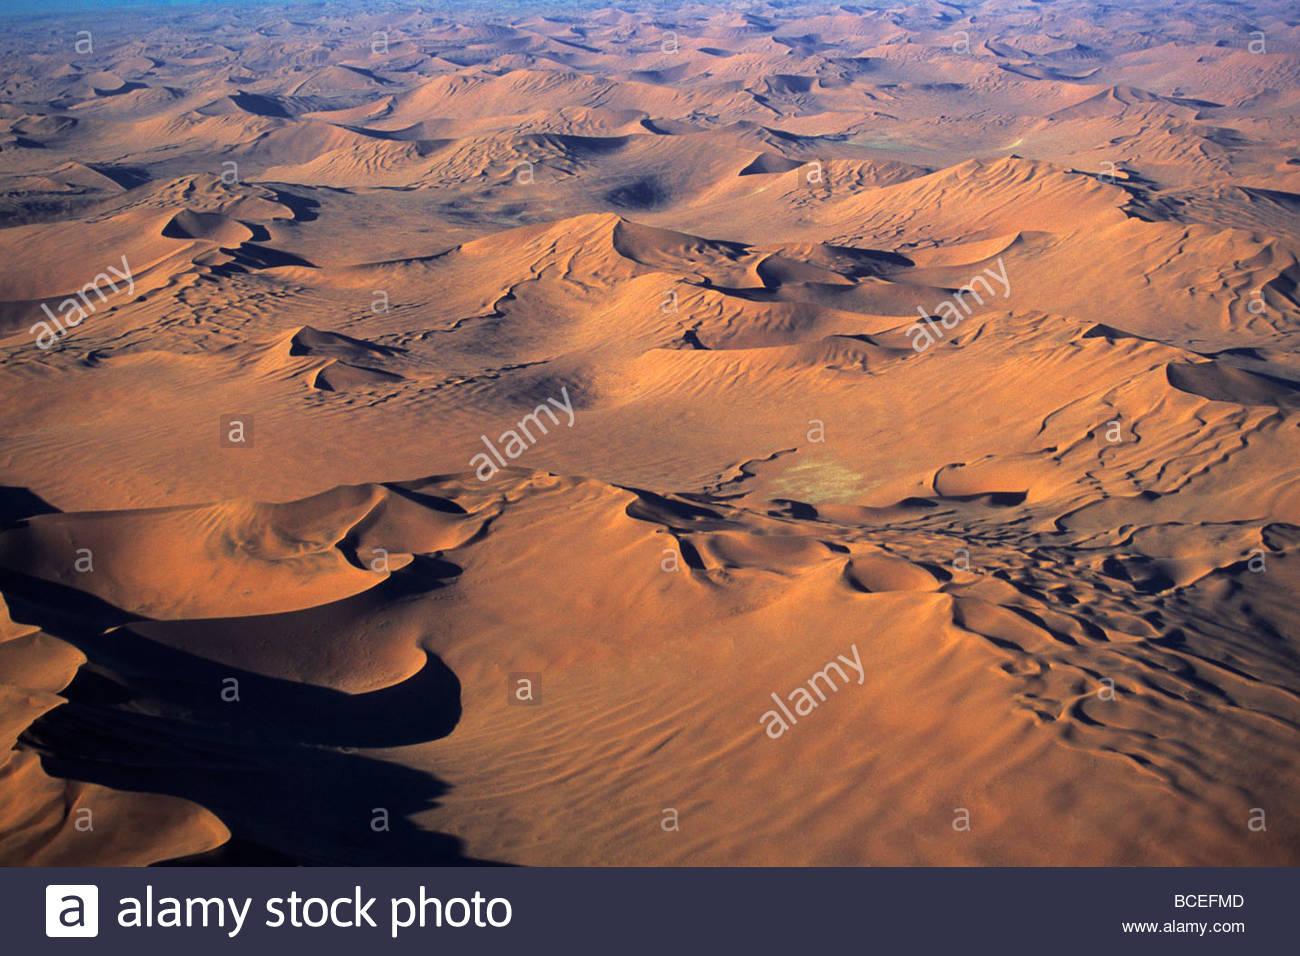 Una veduta aerea del Deserto Namibiano. Foto Stock